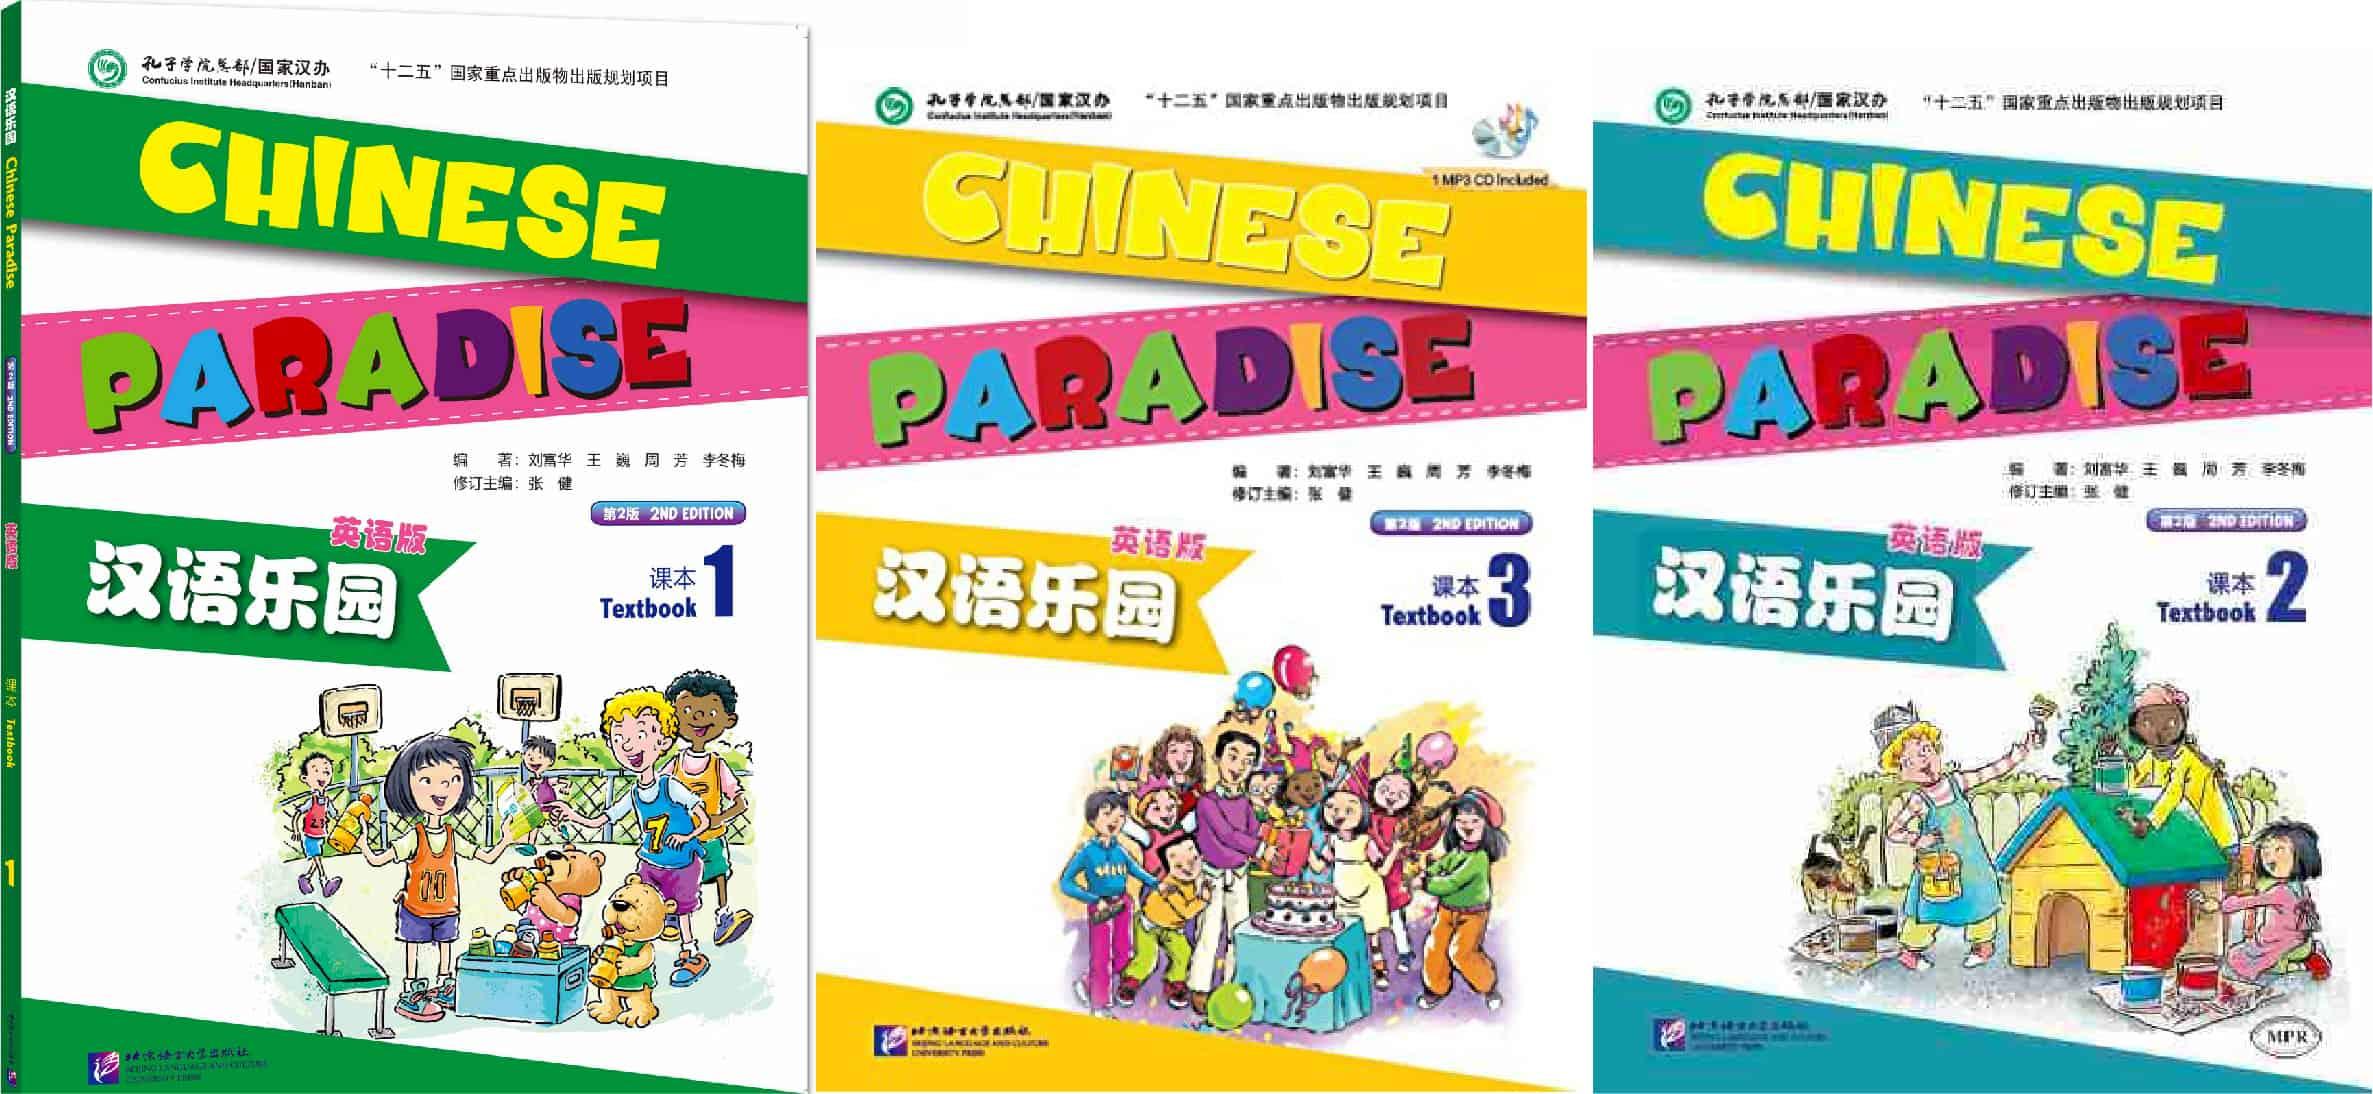 Giáo trình tiếng Trung cho trẻ em - chinese paradise